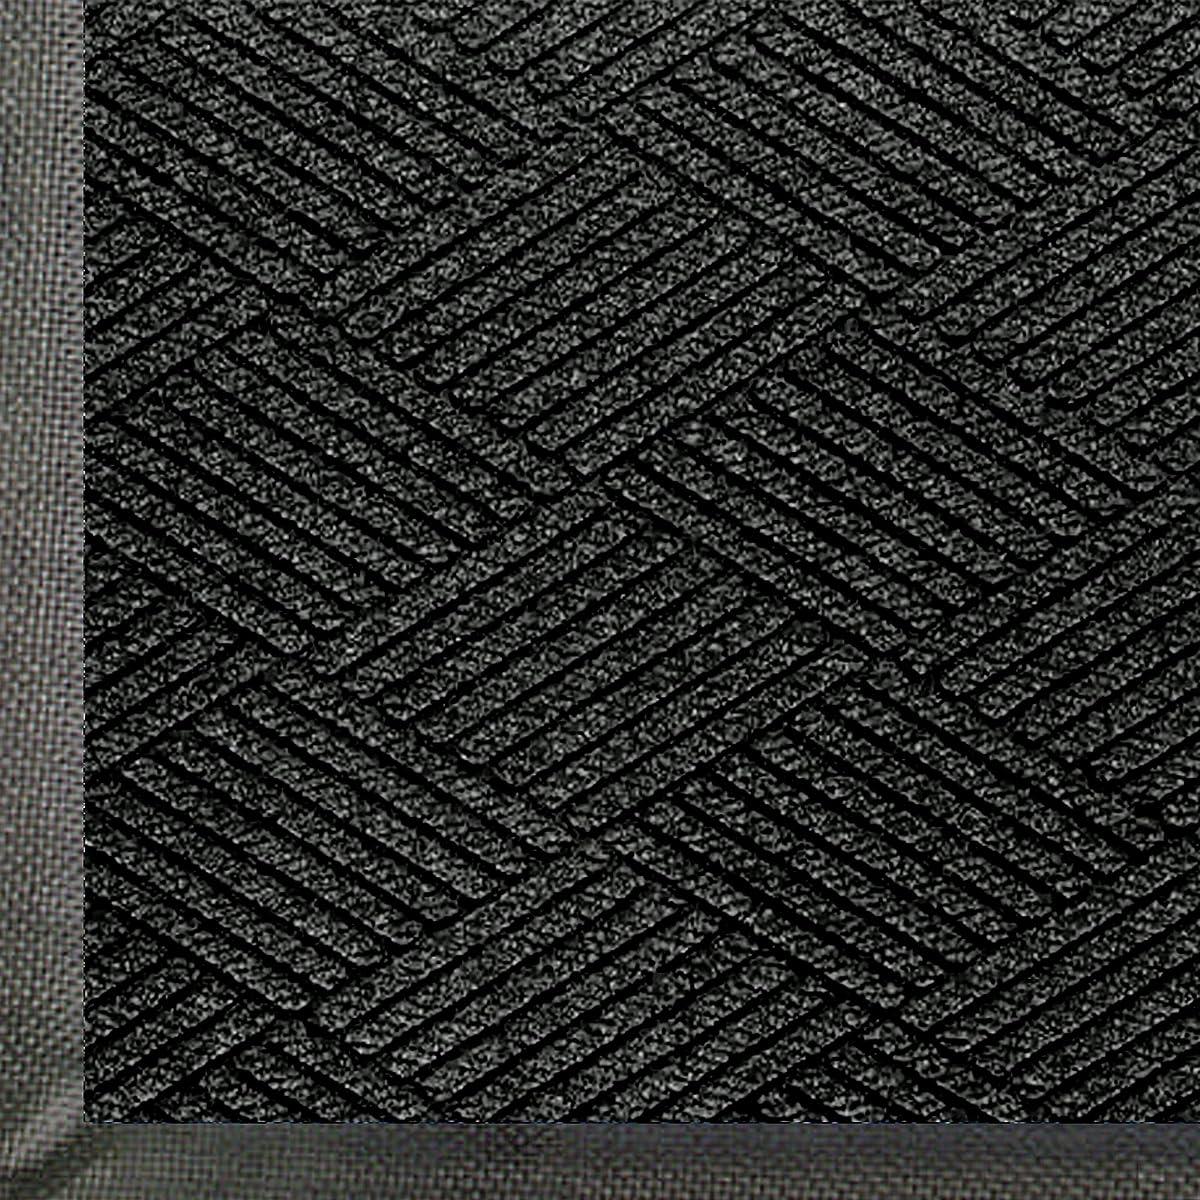 """Andersen 2295 WaterHog Eco Premier PET Polyester Fiber Entrance Indoor/Outdoor Floor Mat, SBR Rubber Backing, 3 Length x 2 Width, 3/8"""" Thick, Black Smoke"""